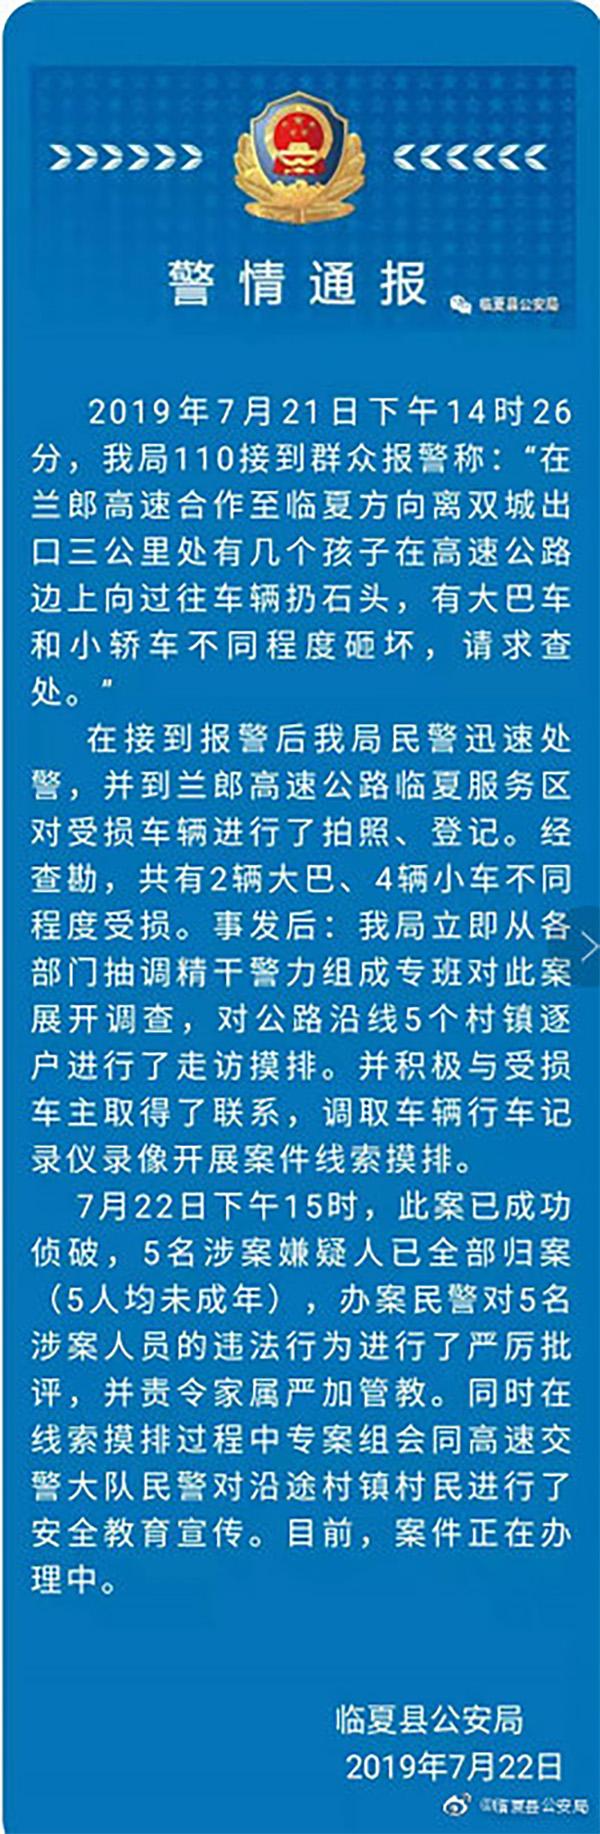 甘肃临夏5名未成年人向过往车辆扔石头 致6车受损